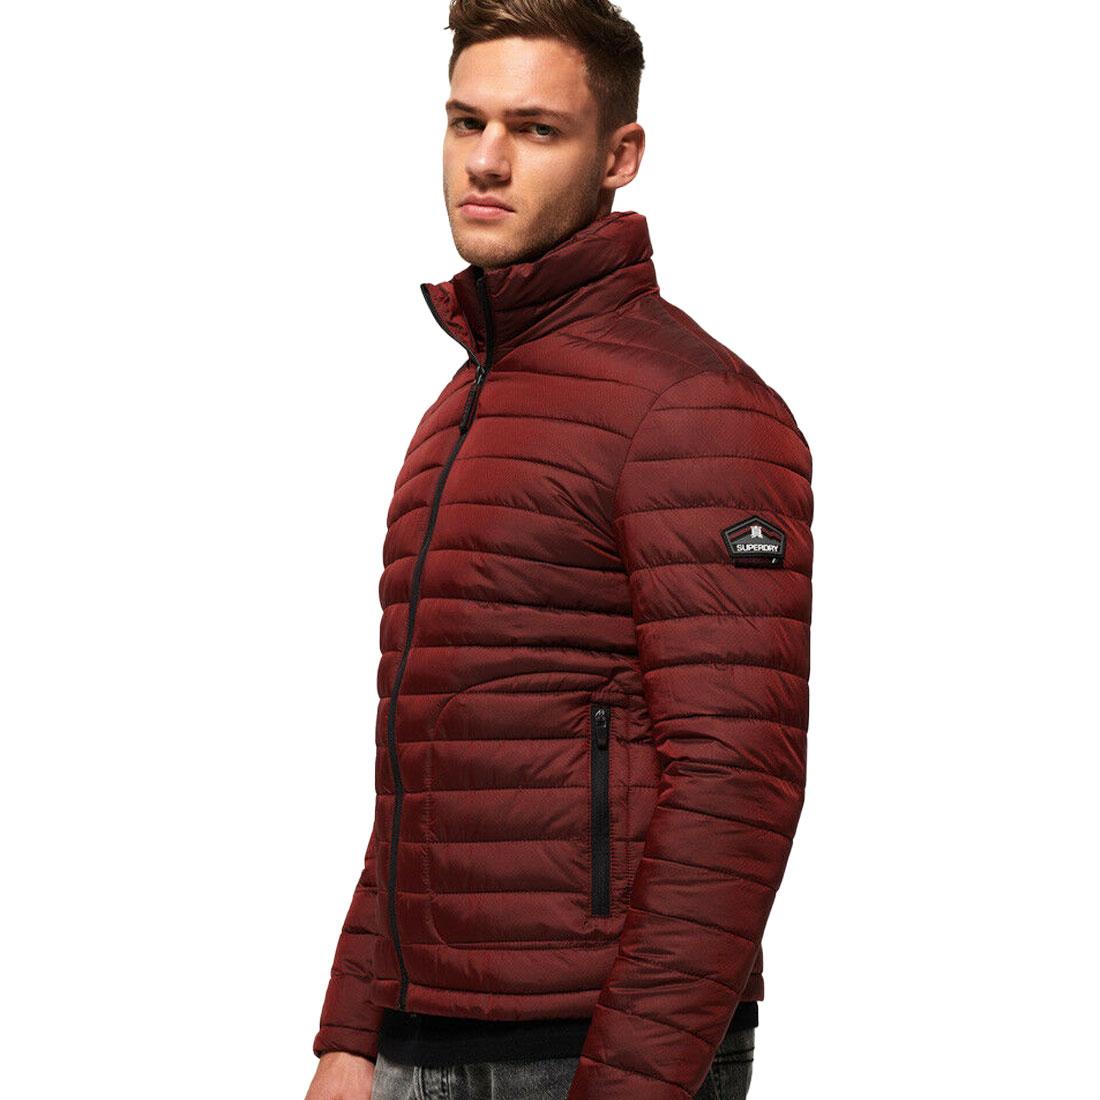 Camisa-para-hombre-Fuji-chaqueta-de-doble-cremallera miniatura 3